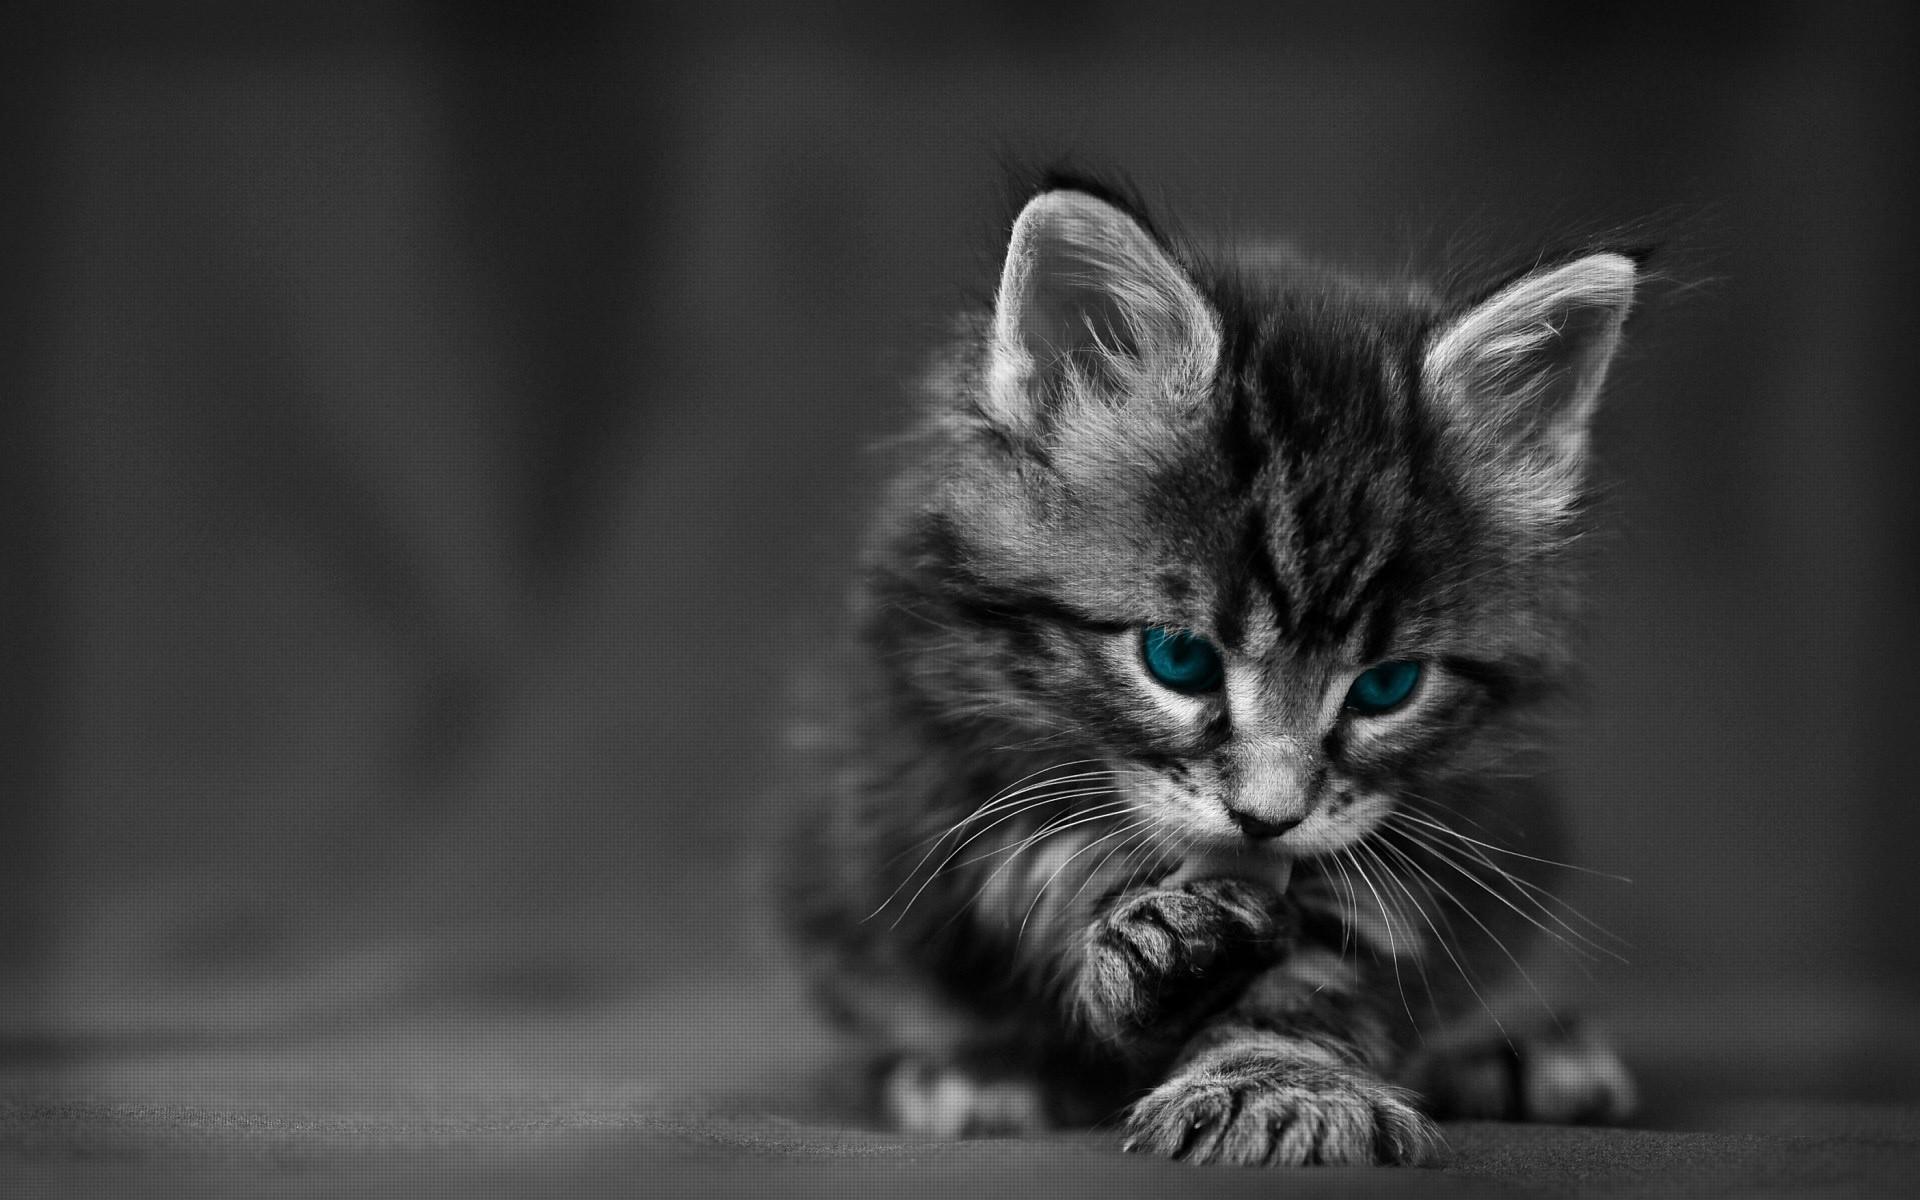 Cheetoh Kitten: Cheetoh Cheetoh Kitten Breed